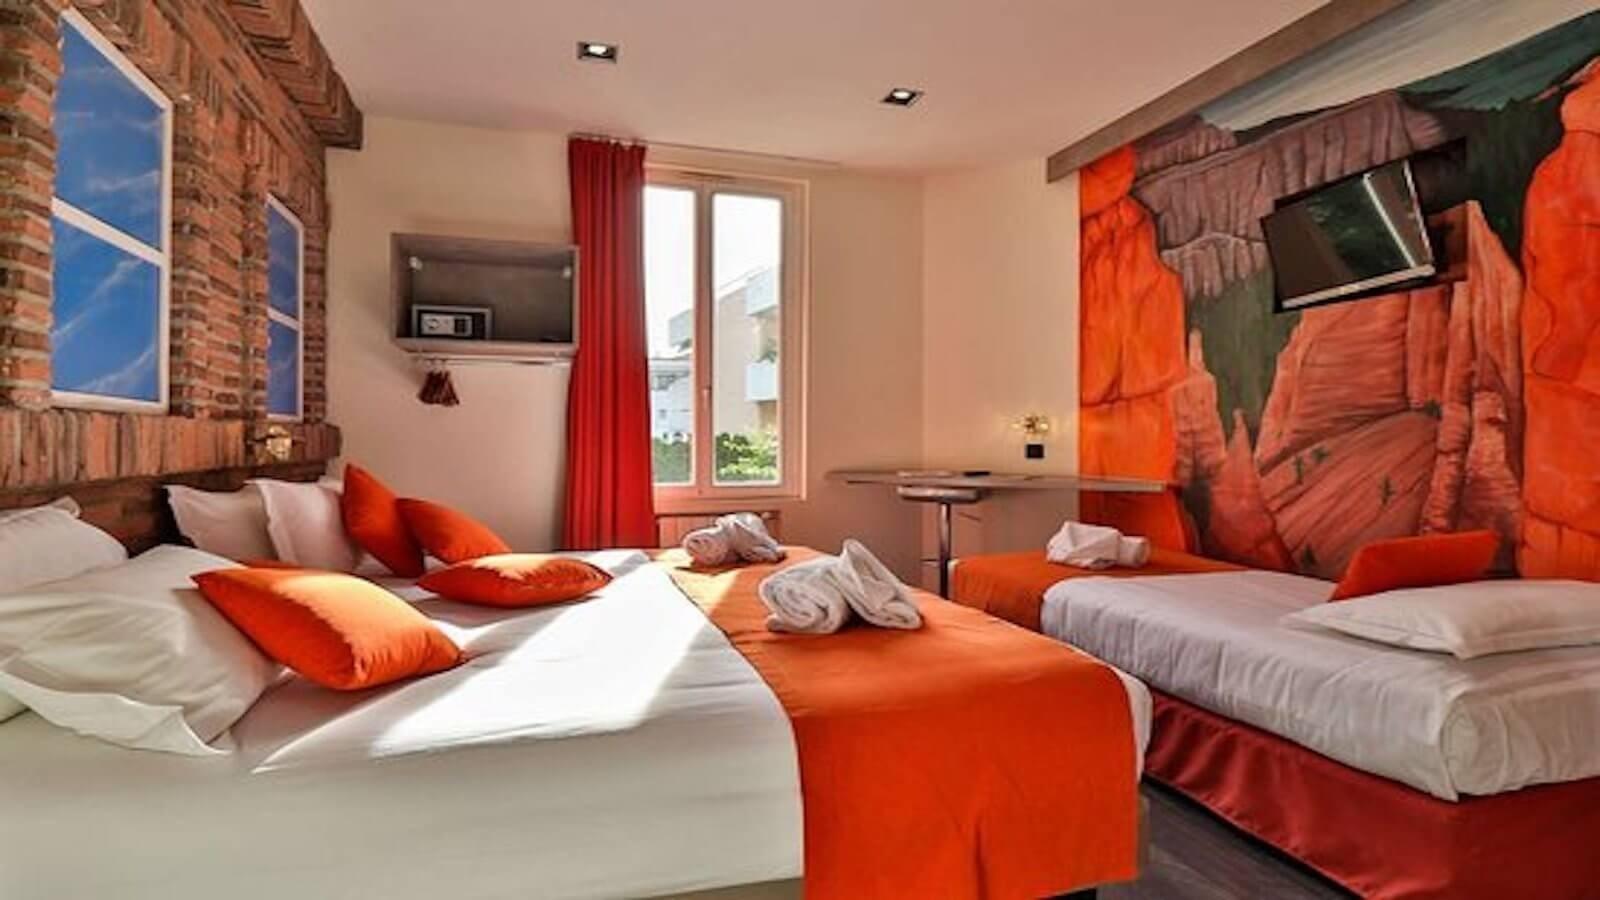 Hôtel Idéal Séjour Cannes client Ododo